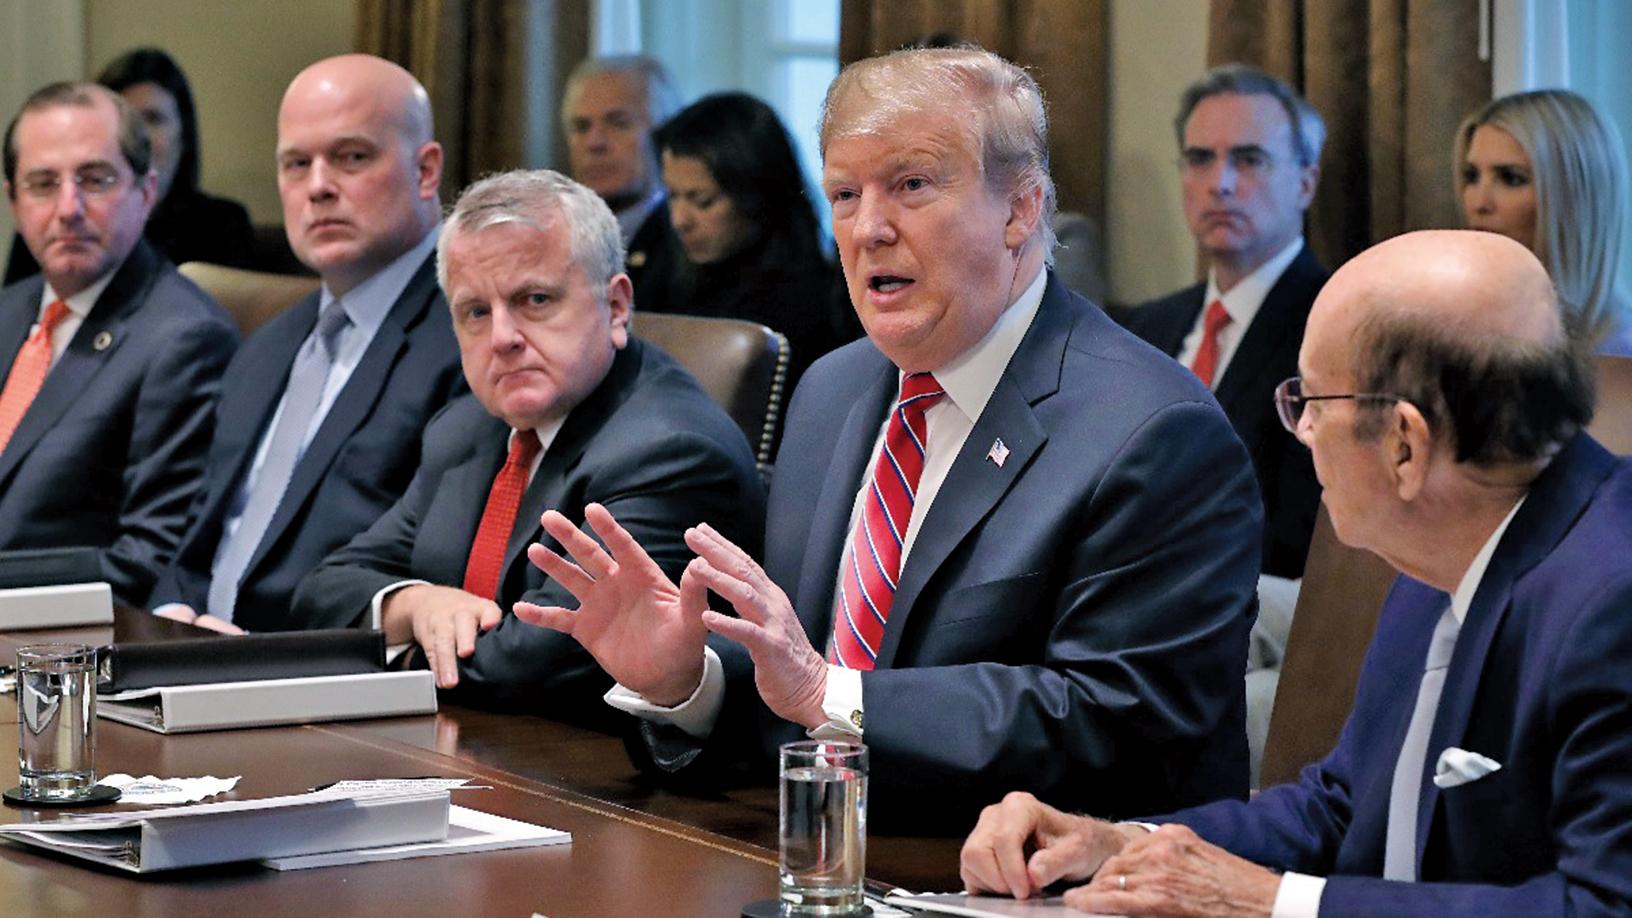 2019年2月12日,美國總統特朗普在白宮召開內閣會議。(Getty Images)